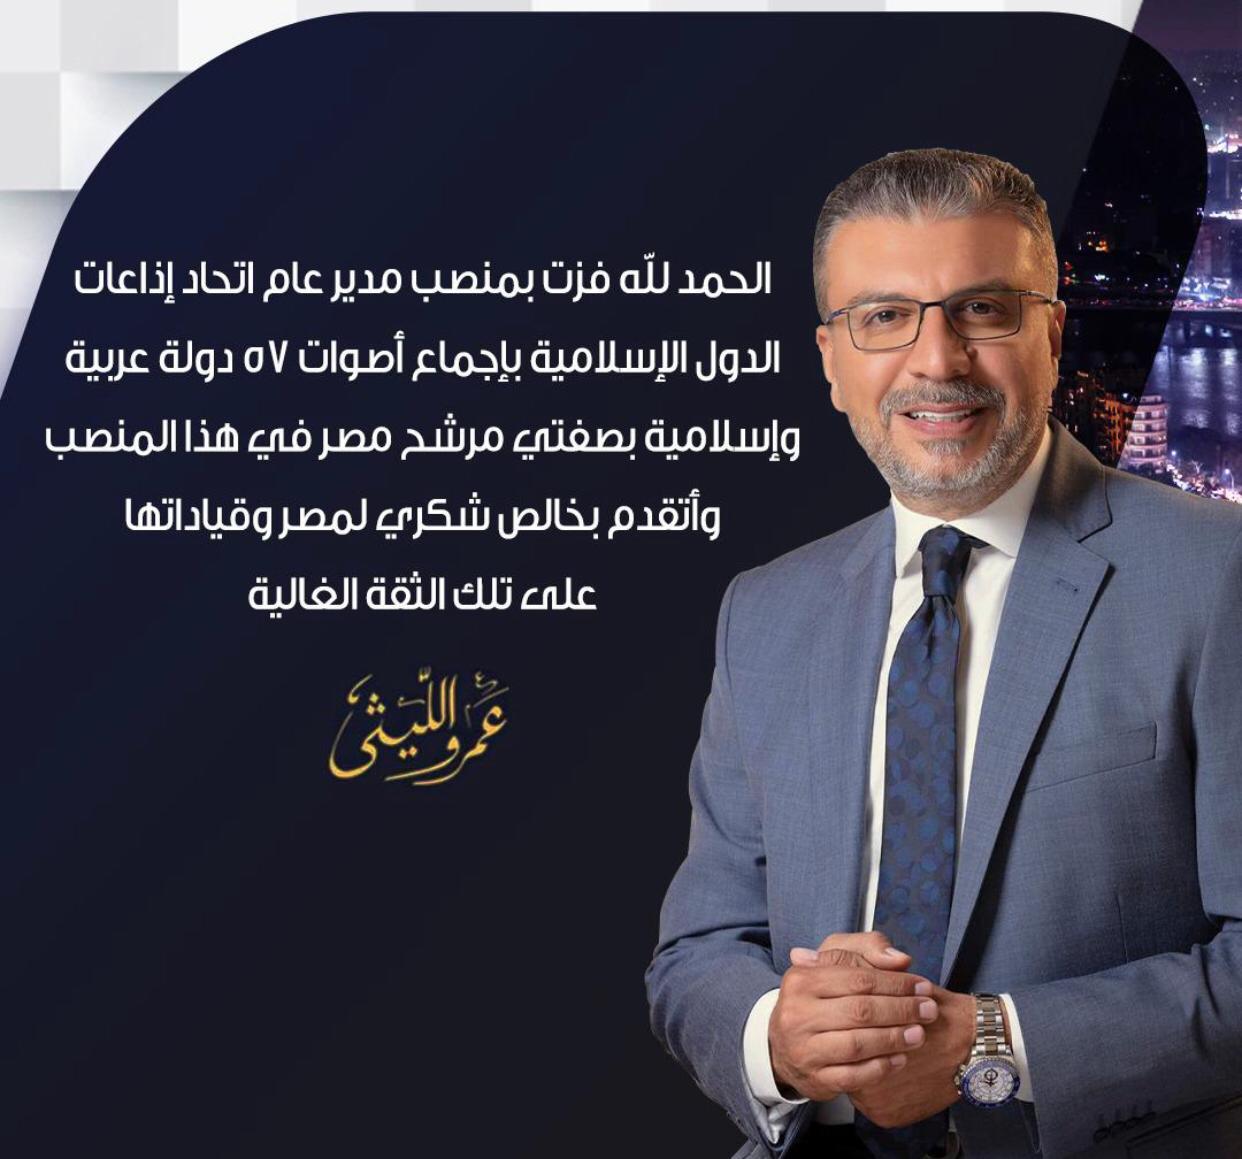 باجماع ٥٧ دولة عربية واسلامية عمرو الليثي رئيسا لاتحاد اذاعات الدول الاسلامية